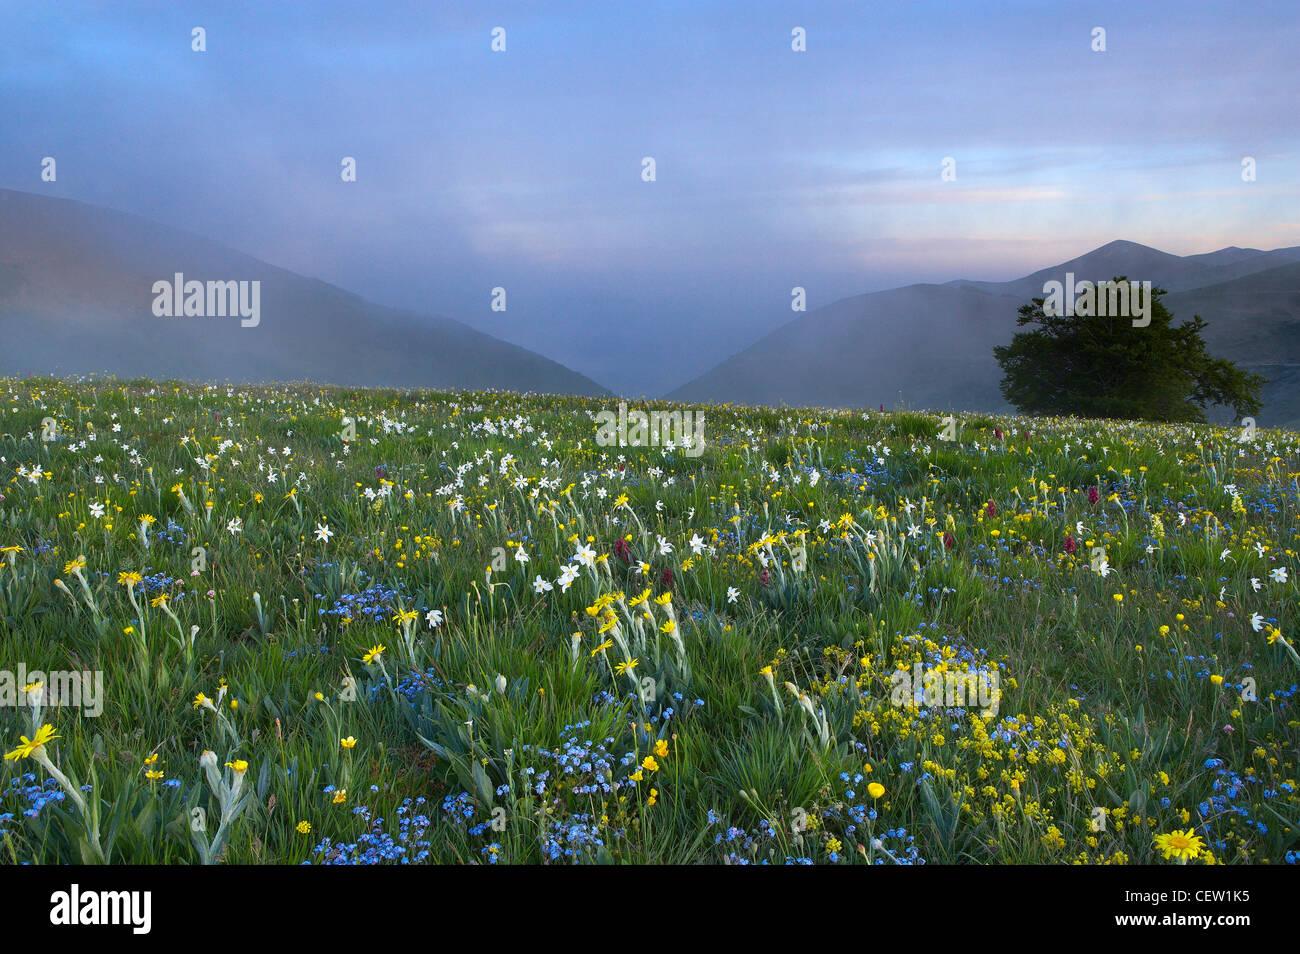 Fleurs sauvages de croître à la Forca Canapine, parc national Monti Sibillini, Ombrie, Italie. (NR) Banque D'Images